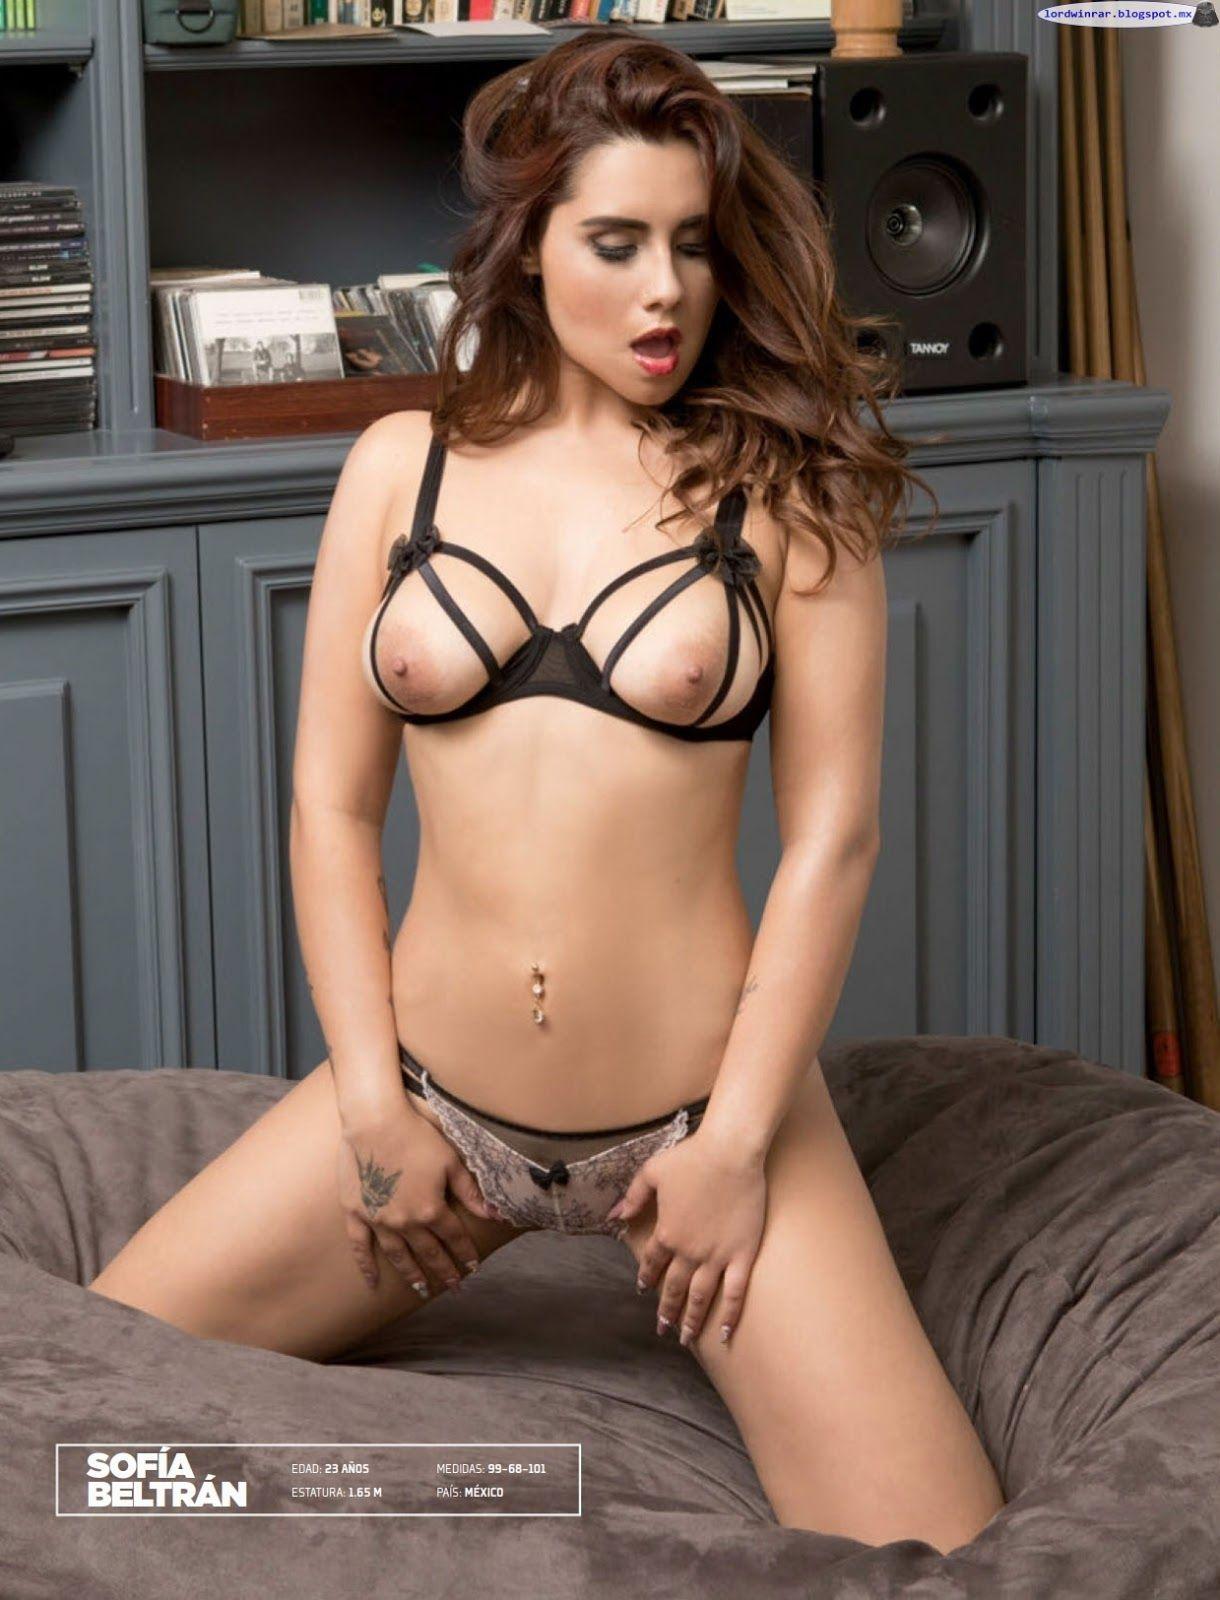 Sofia Beltran  Asd  Pinterest  Lingerie, Sexy Lingerie -2545